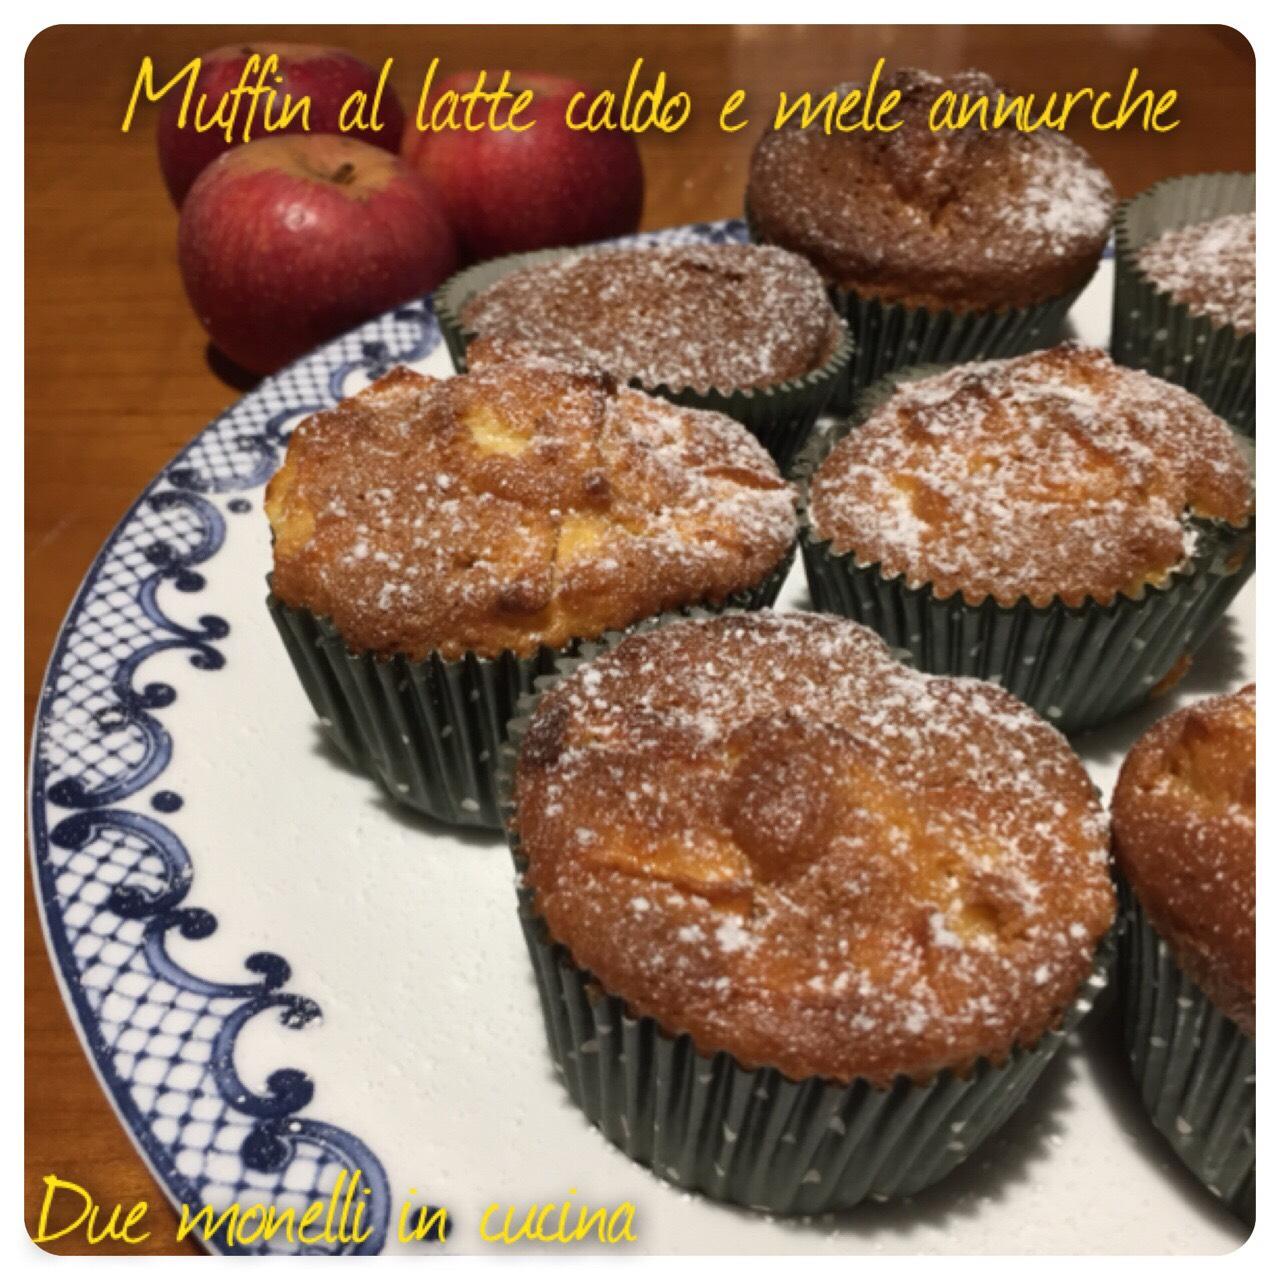 Muffin dolci al latte caldo e mele annurche